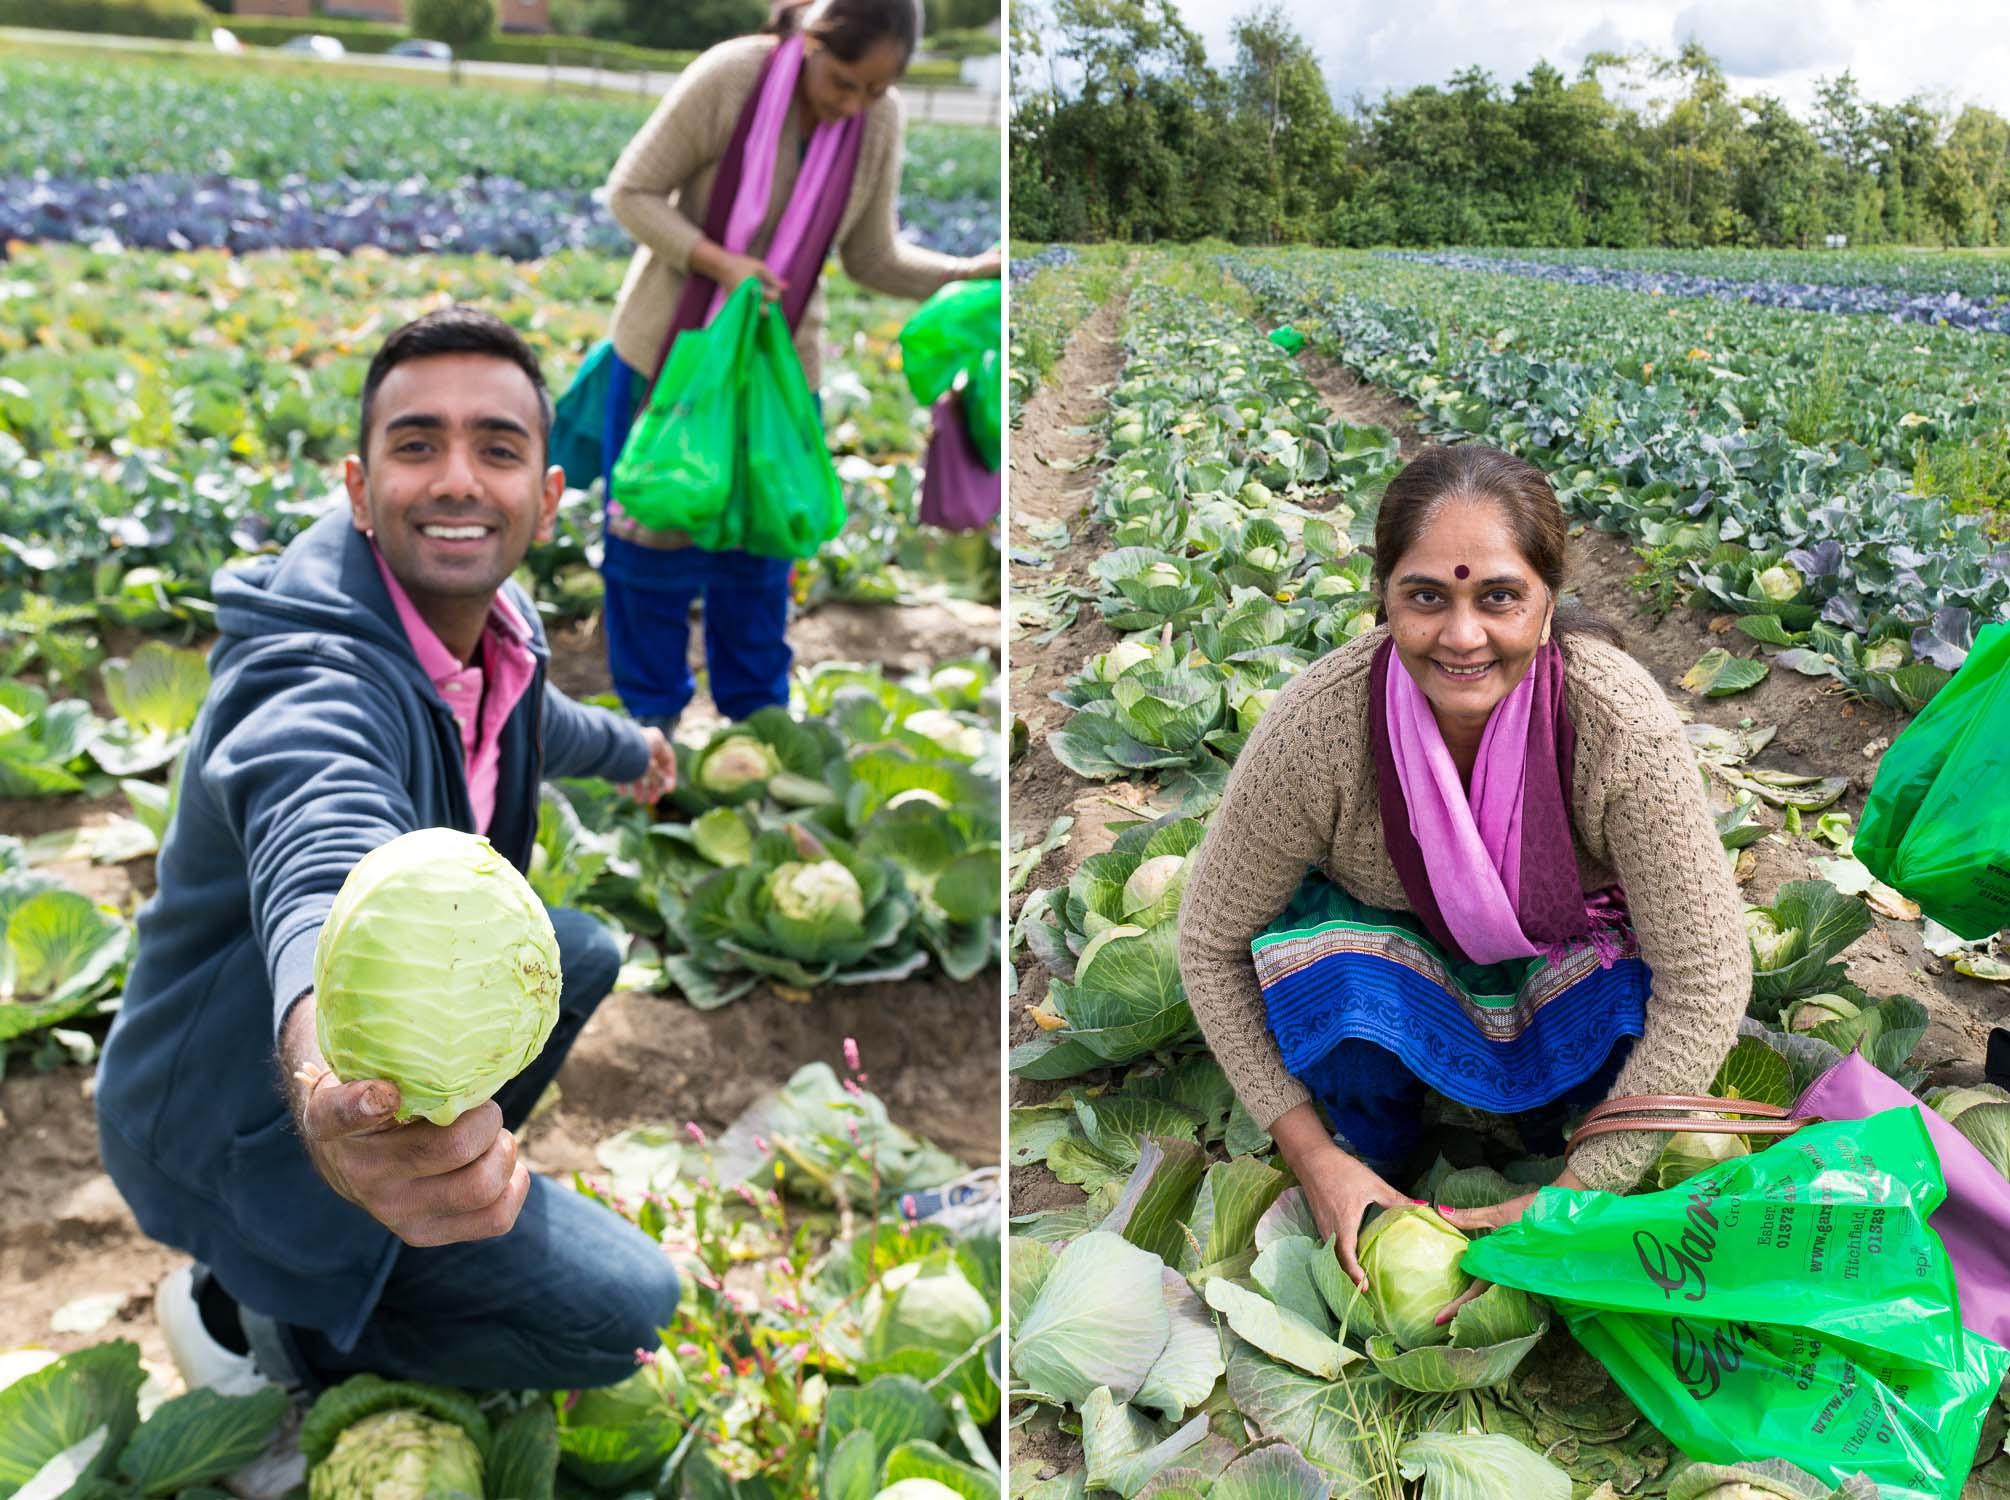 Garsons PYO Farm in Surrey